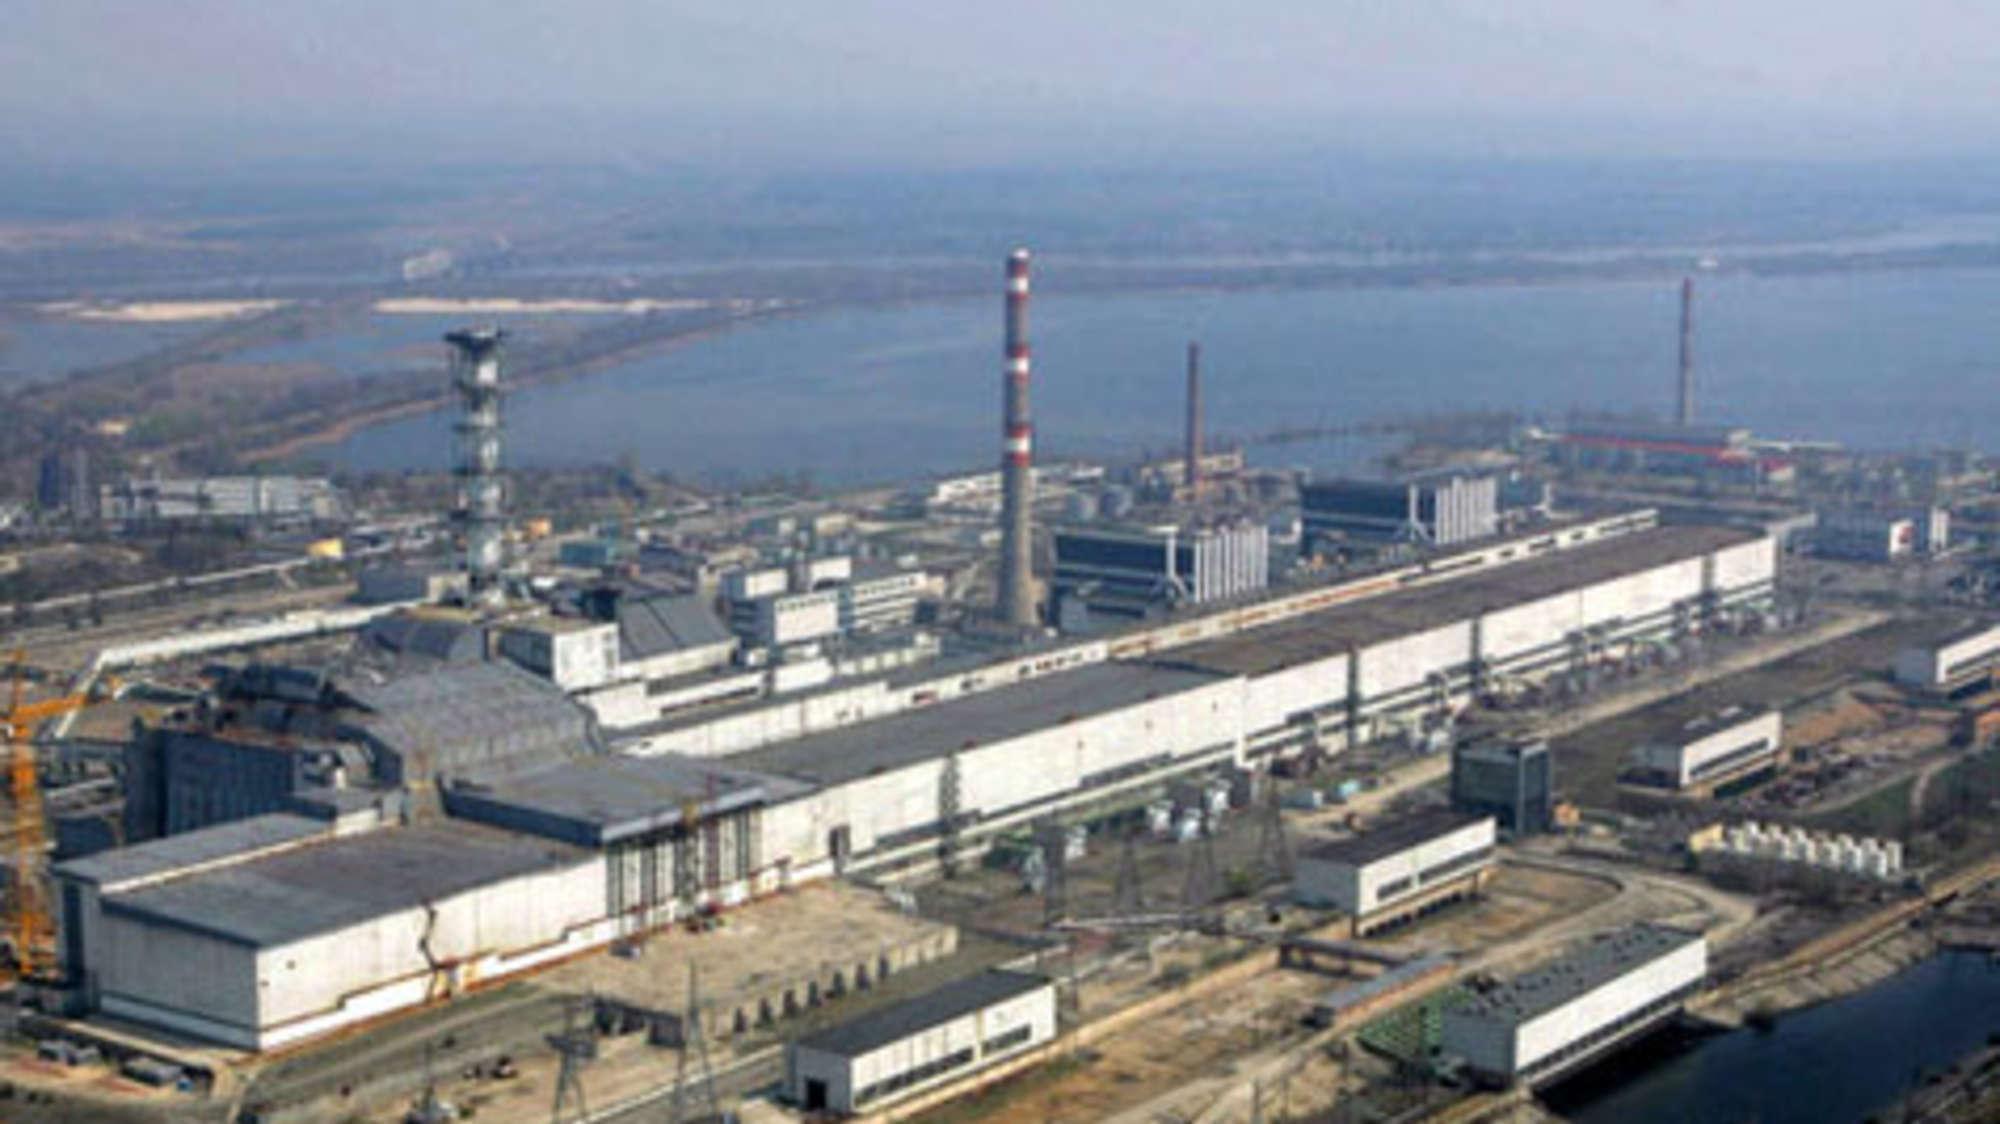 Tschernobyl 2006: 20 Jahre nach dem GAU - n-tv.de